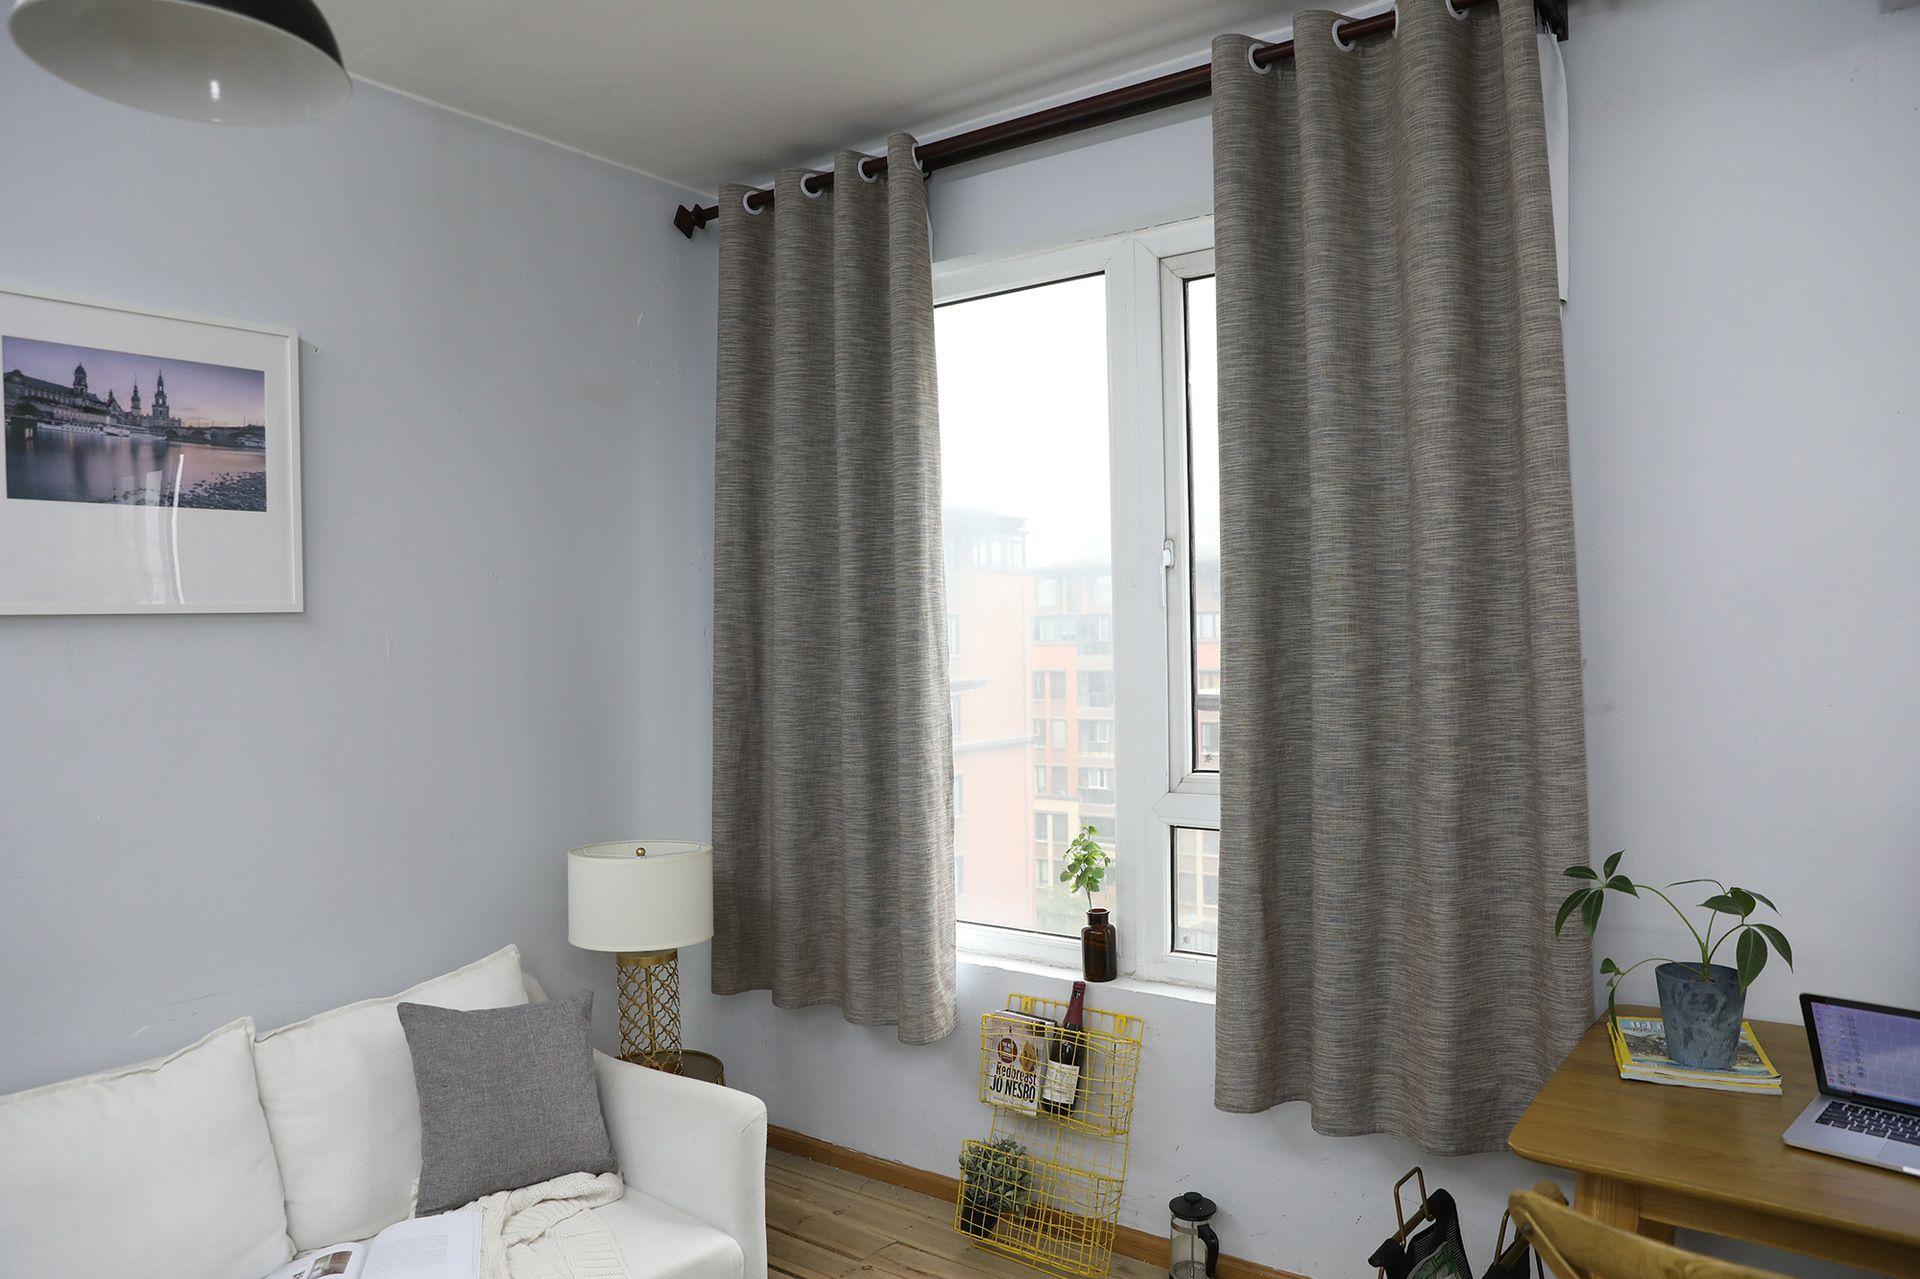 Concise Style Modern Semi-Shading-Effekt-Vorhang Fertiger Vorhang  Schlafzimmer Wohnzimmer Fenster Natürliche Baumwolle Leinen Vorhang